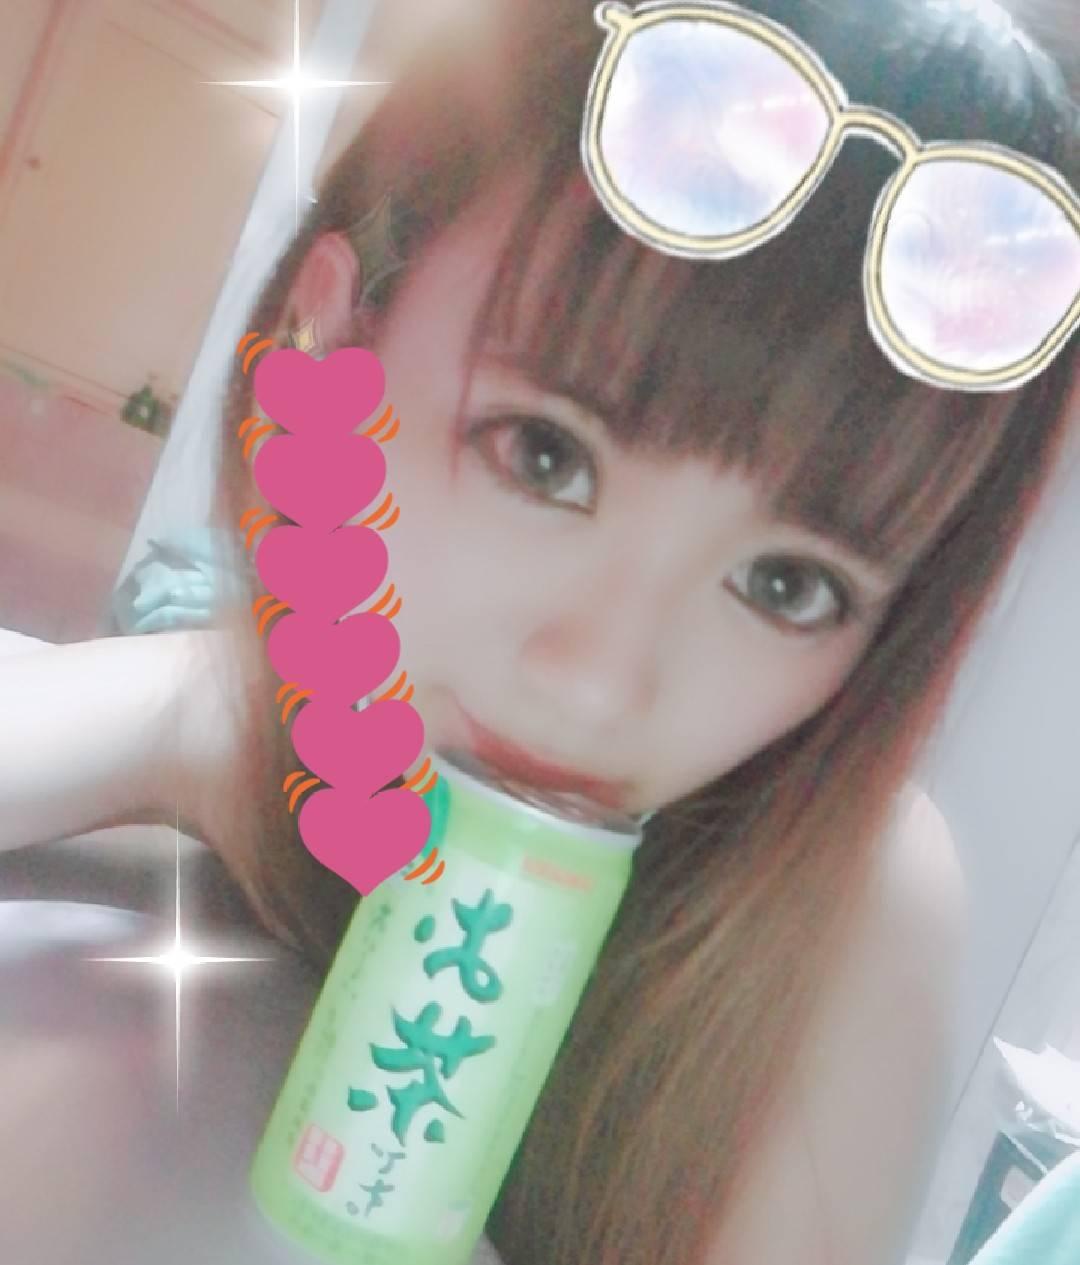 「こんにちわ(*´ω`*)」08/15(水) 16:18 | みよの写メ・風俗動画